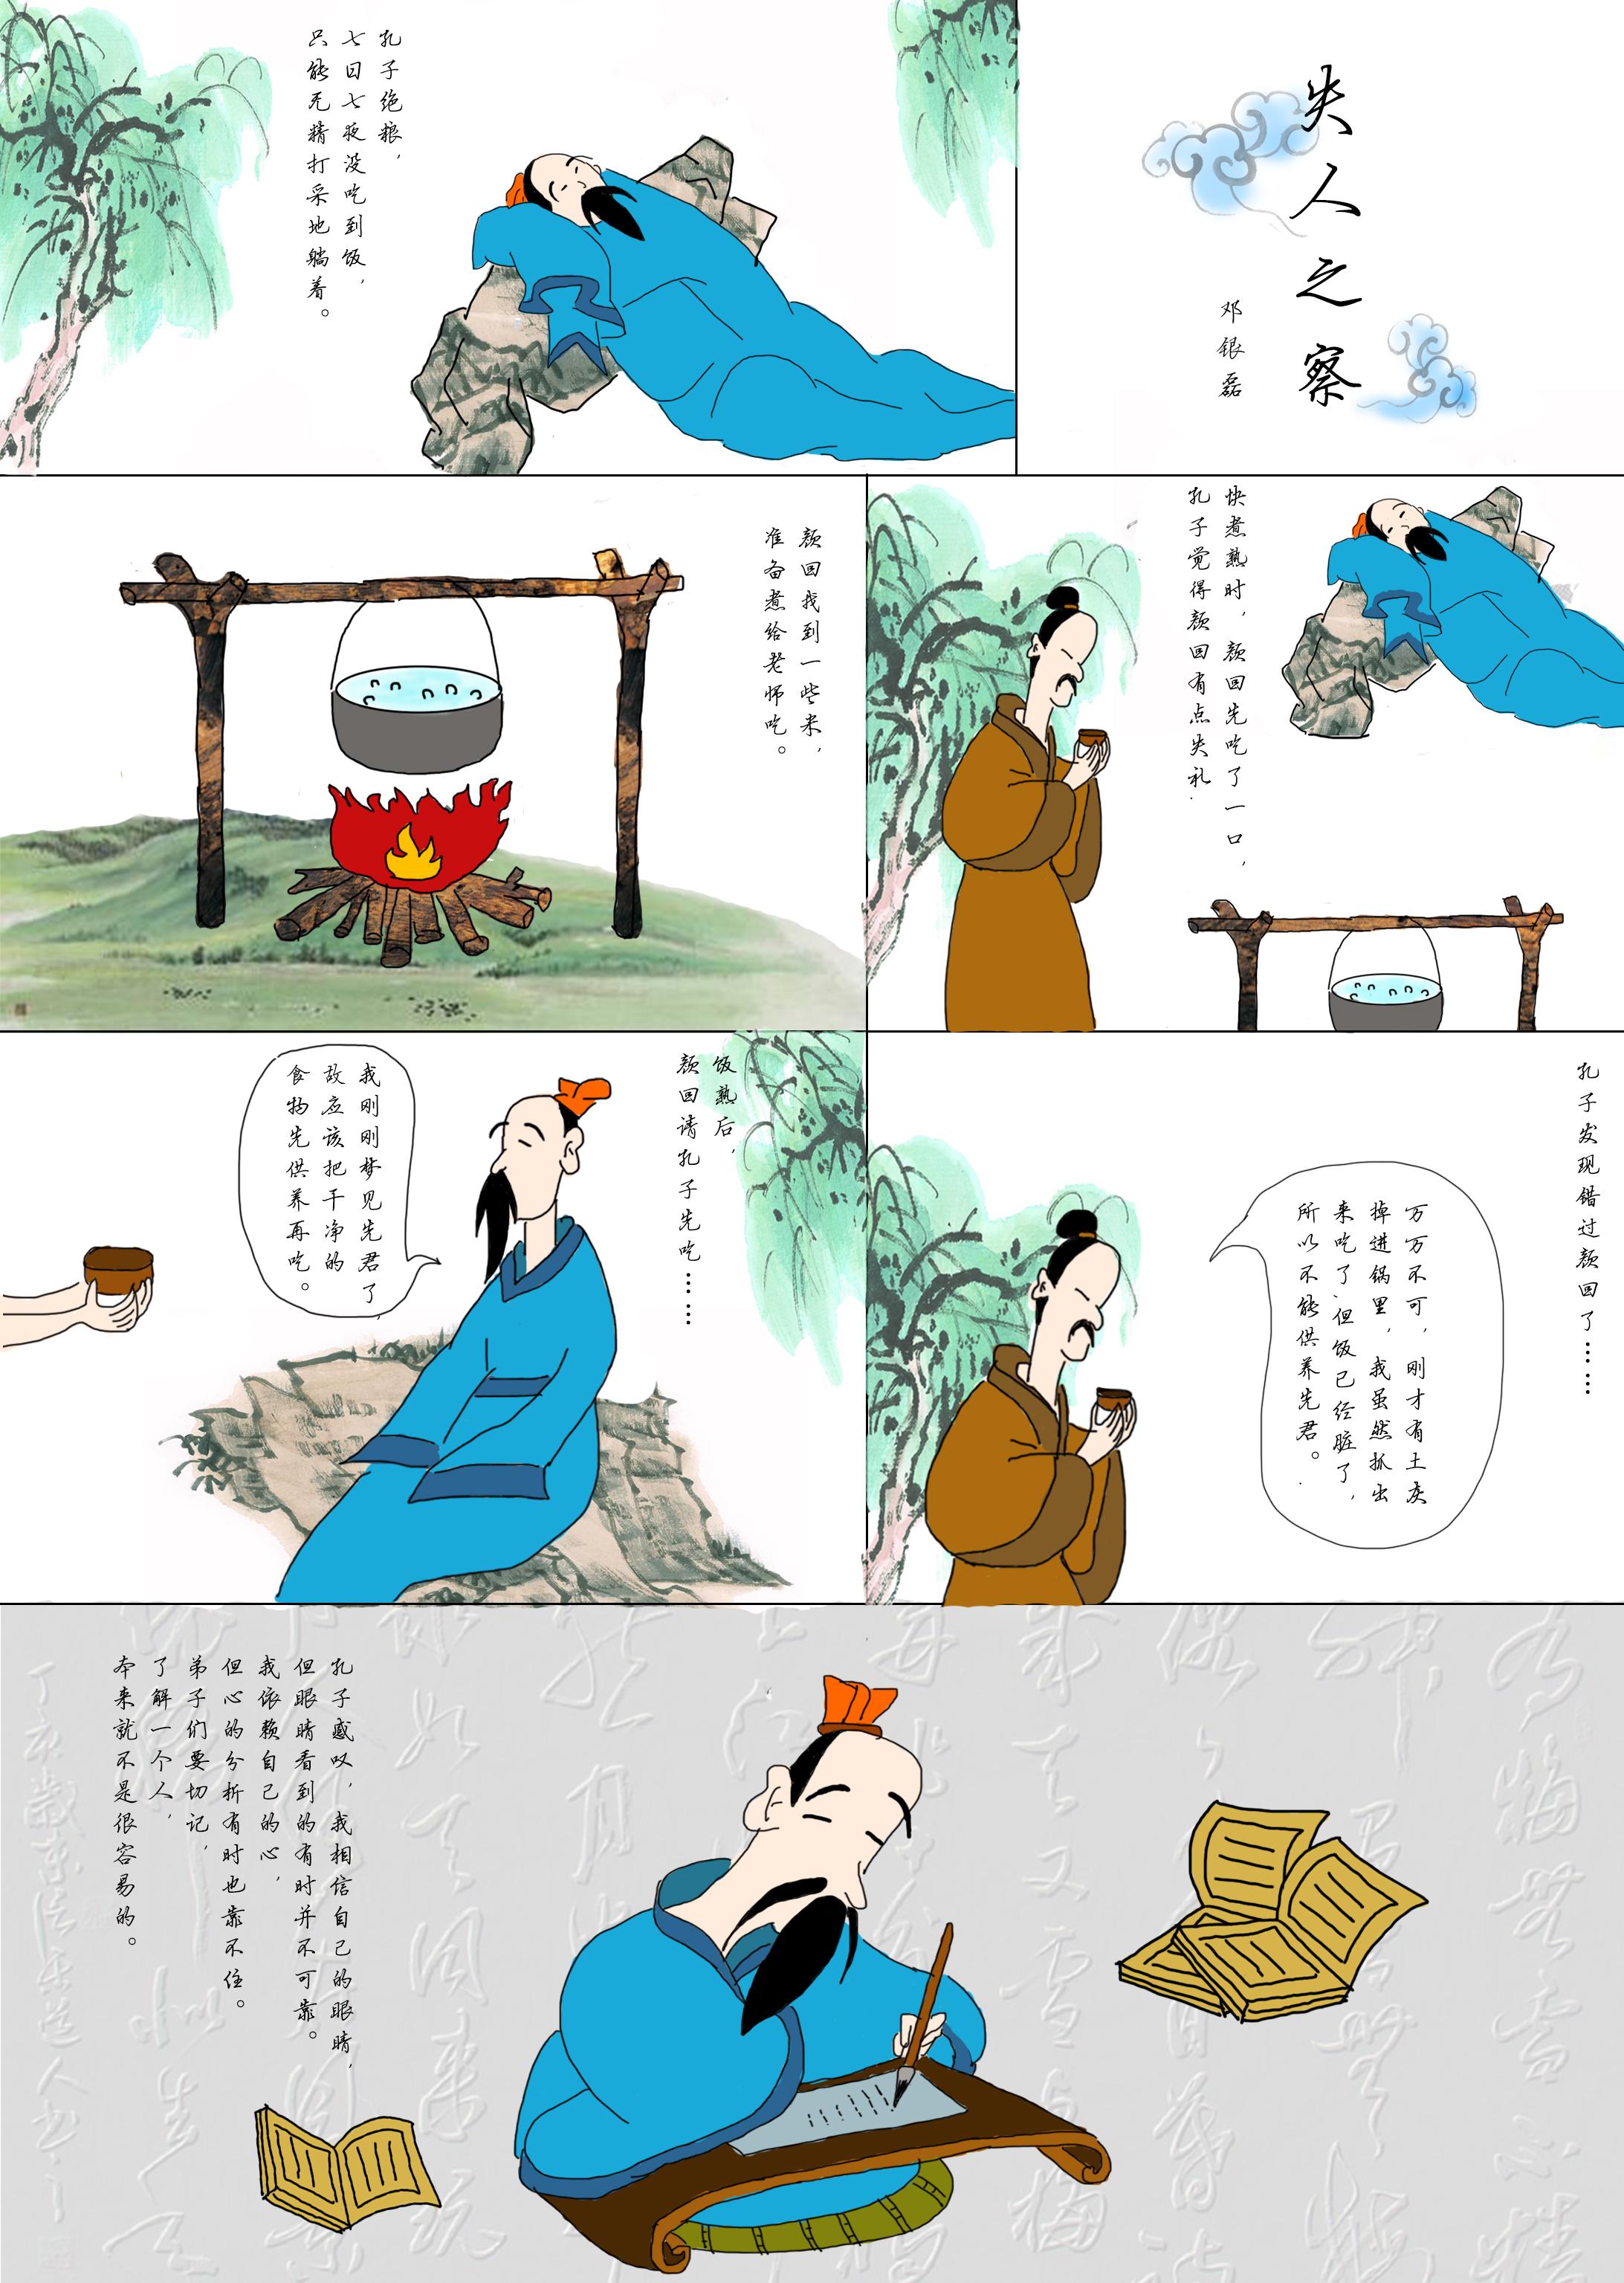 中学生杂志古风漫画